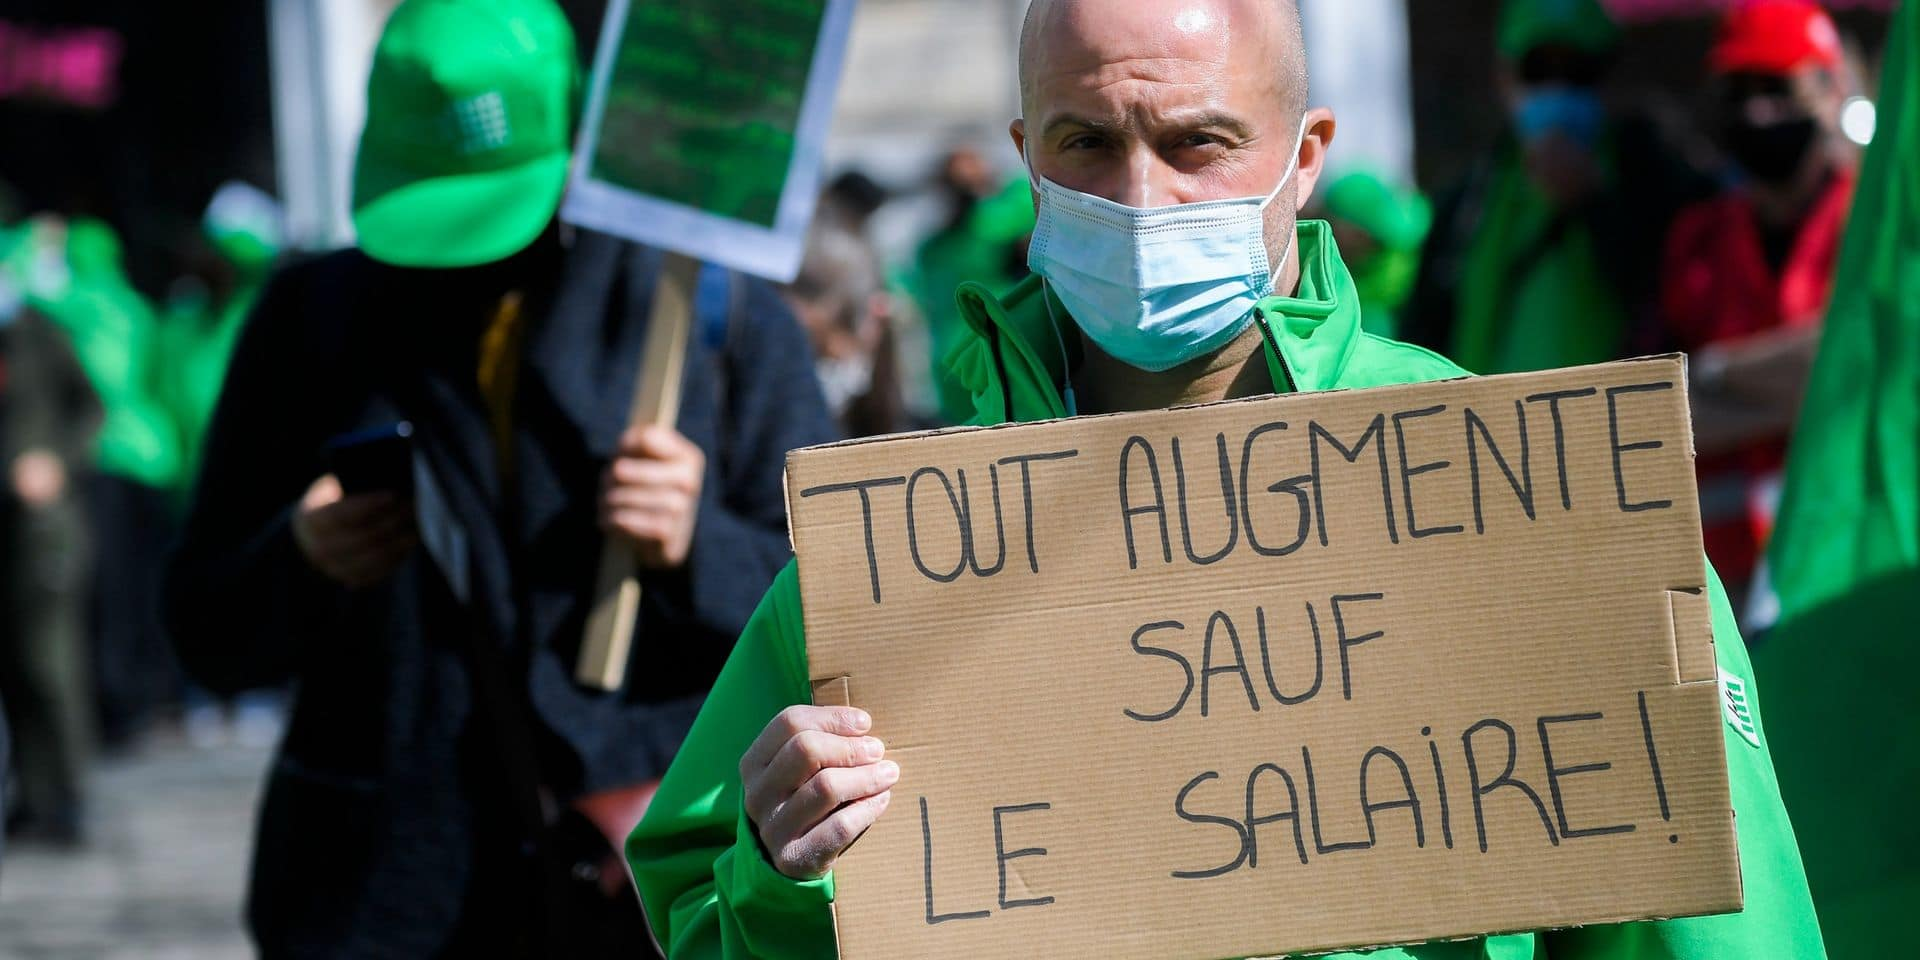 """Les syndicats adressent un avertissement au gouvernement : """"Nous n'acceptons pas cette stratégie qui rompt avec la solidarité"""""""